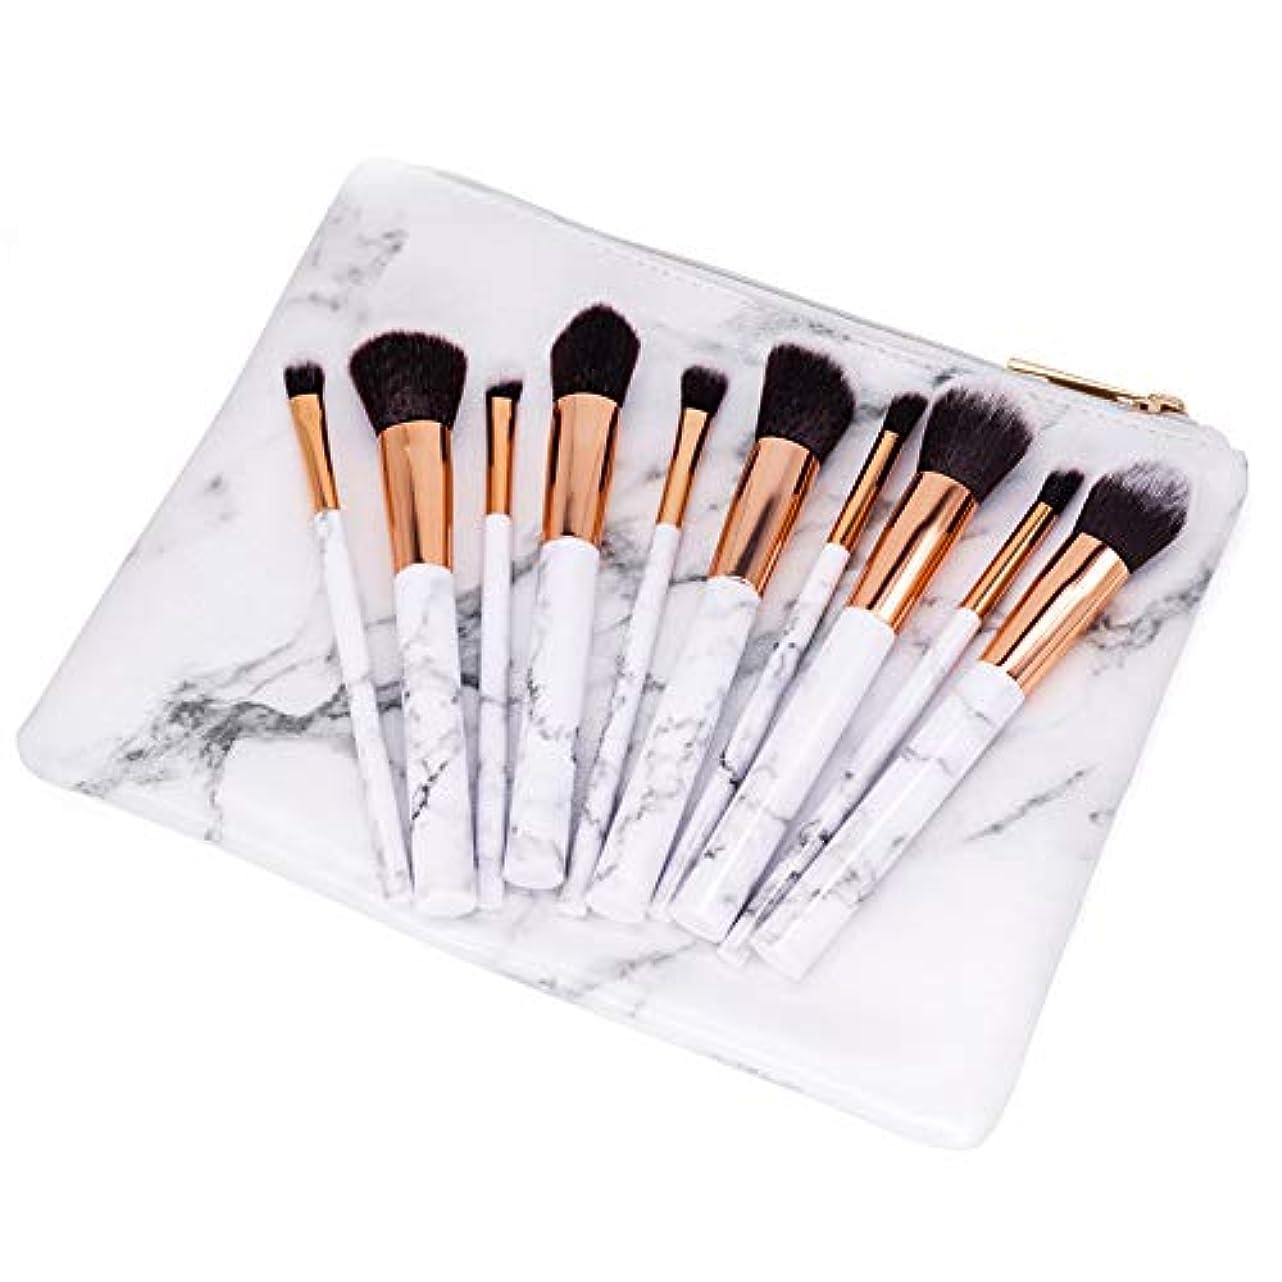 常識不変一貫性のないHOYOFO メイクブラシ 10本セット 化粧筆 柔らかい 高級繊維毛 専用の化粧ポーチ付き フェイスブラシ メイク 大理石柄 ホワイト